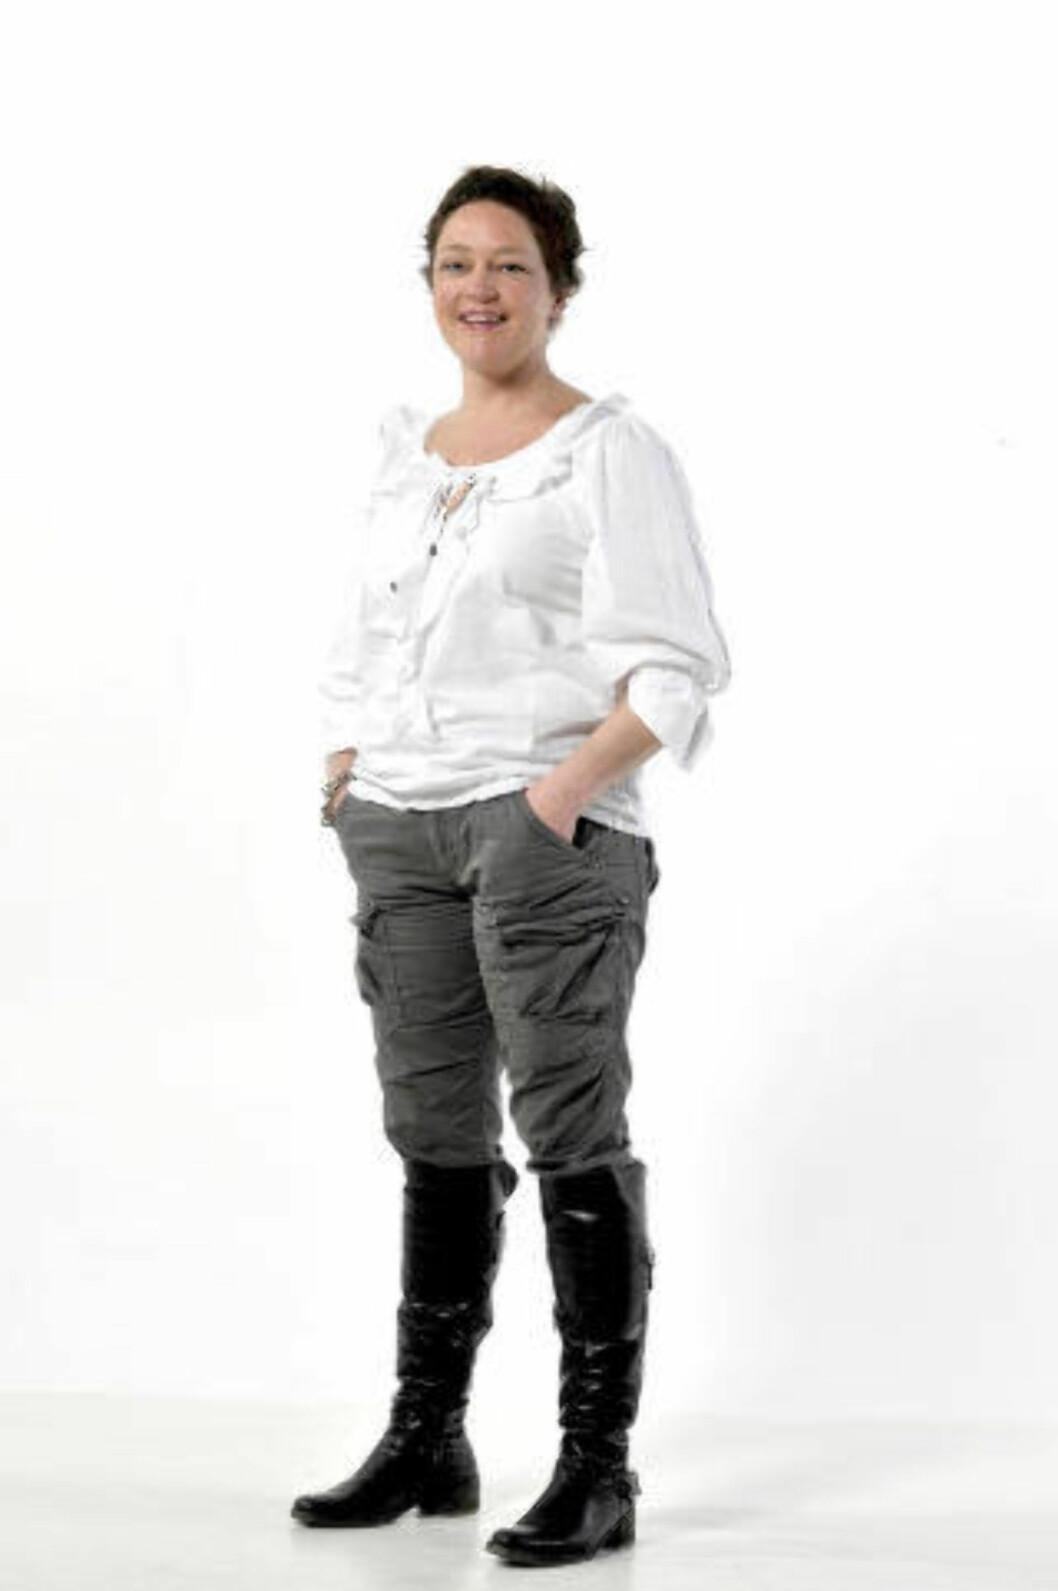 <strong>FORBRUKEREKSPERT:</strong> Elise Marie Korsvik er jurist og seniorrådgiver i Forbrukerrådet. Hun sitter både i flyklagenemnda og pakkereisenemnda, og svarer på spørsmål om forbrukerrettigheter om alt som har med flyreiser og charterturer å gjøre. Korsvik kan også svarer på timeshare- og ferieklubbspørsmål, og alle andre forbrukerrelaterte spørsmål man må ha om reiser i utlandet. Foto HANS ARNE VEDLOG